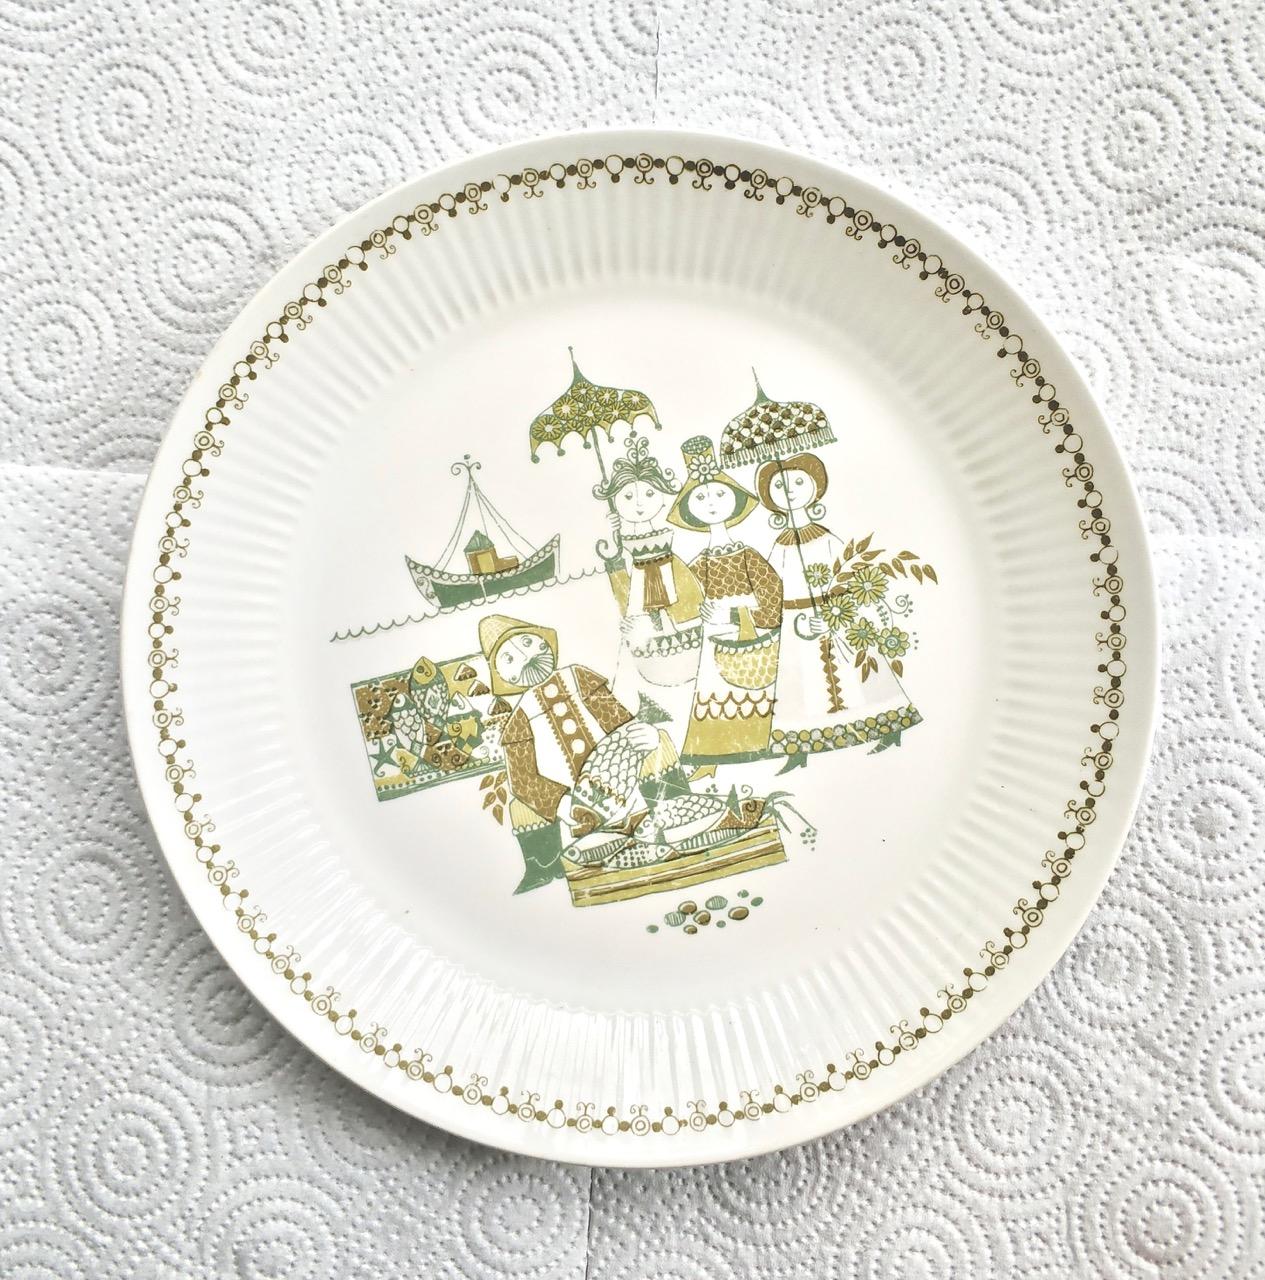 צלחת פורצלן, בעיצוב נורווגי, חברת figgio. צלחת לבנה עם איורים של שלוש נשים קונות דגים בשוק המקומי. גבישס, בלוג האוכל של מירב גביש.